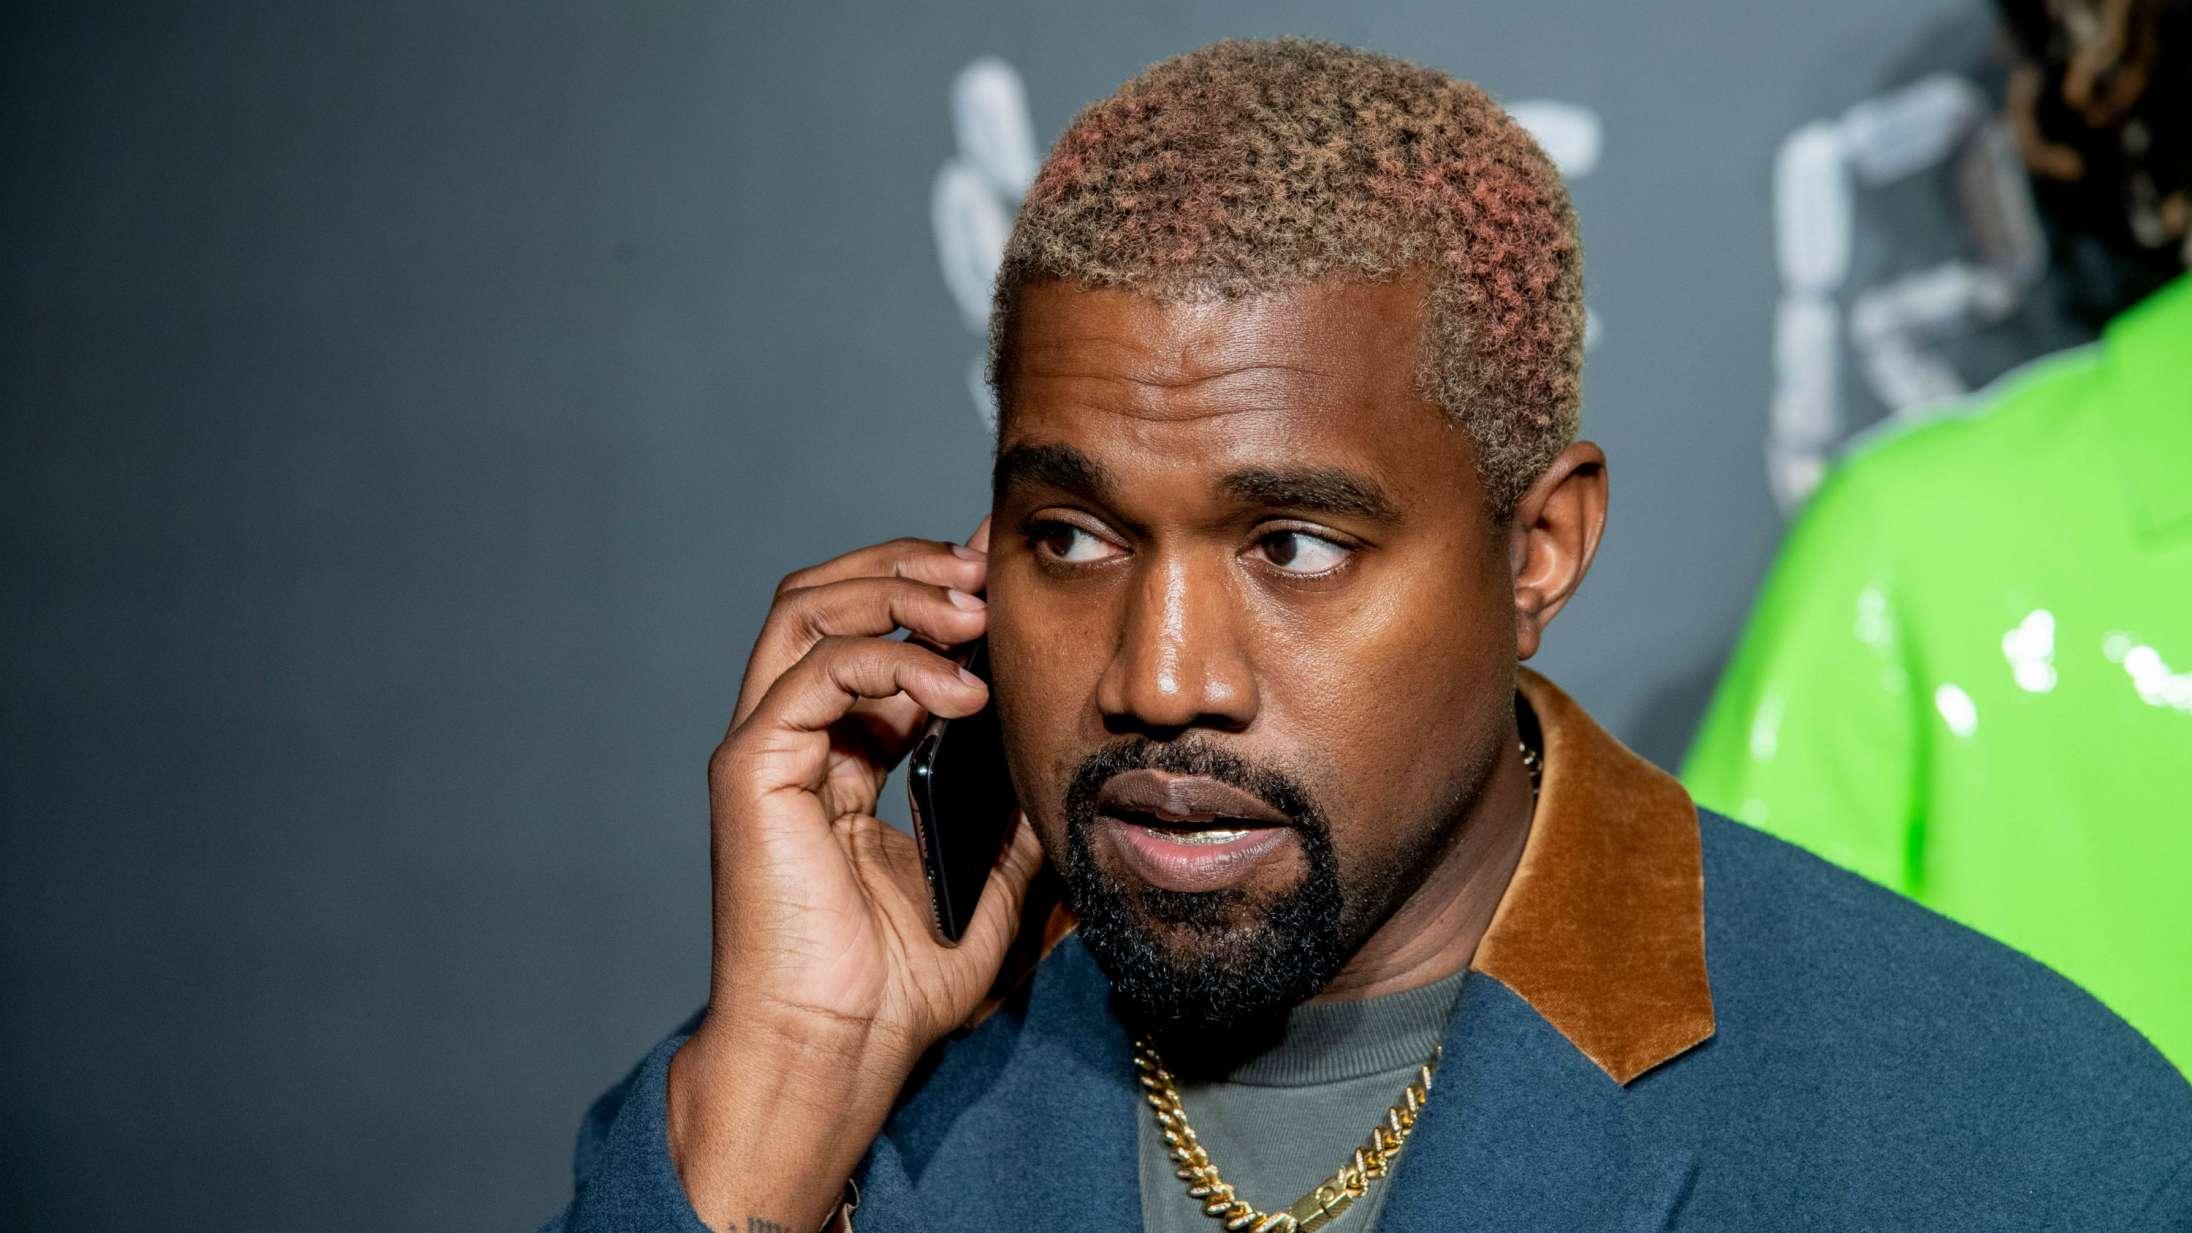 Vi har spurgt Sigmund Freud, hvorfor Kanye West har brændt sit barndomshjem ned i et stadion